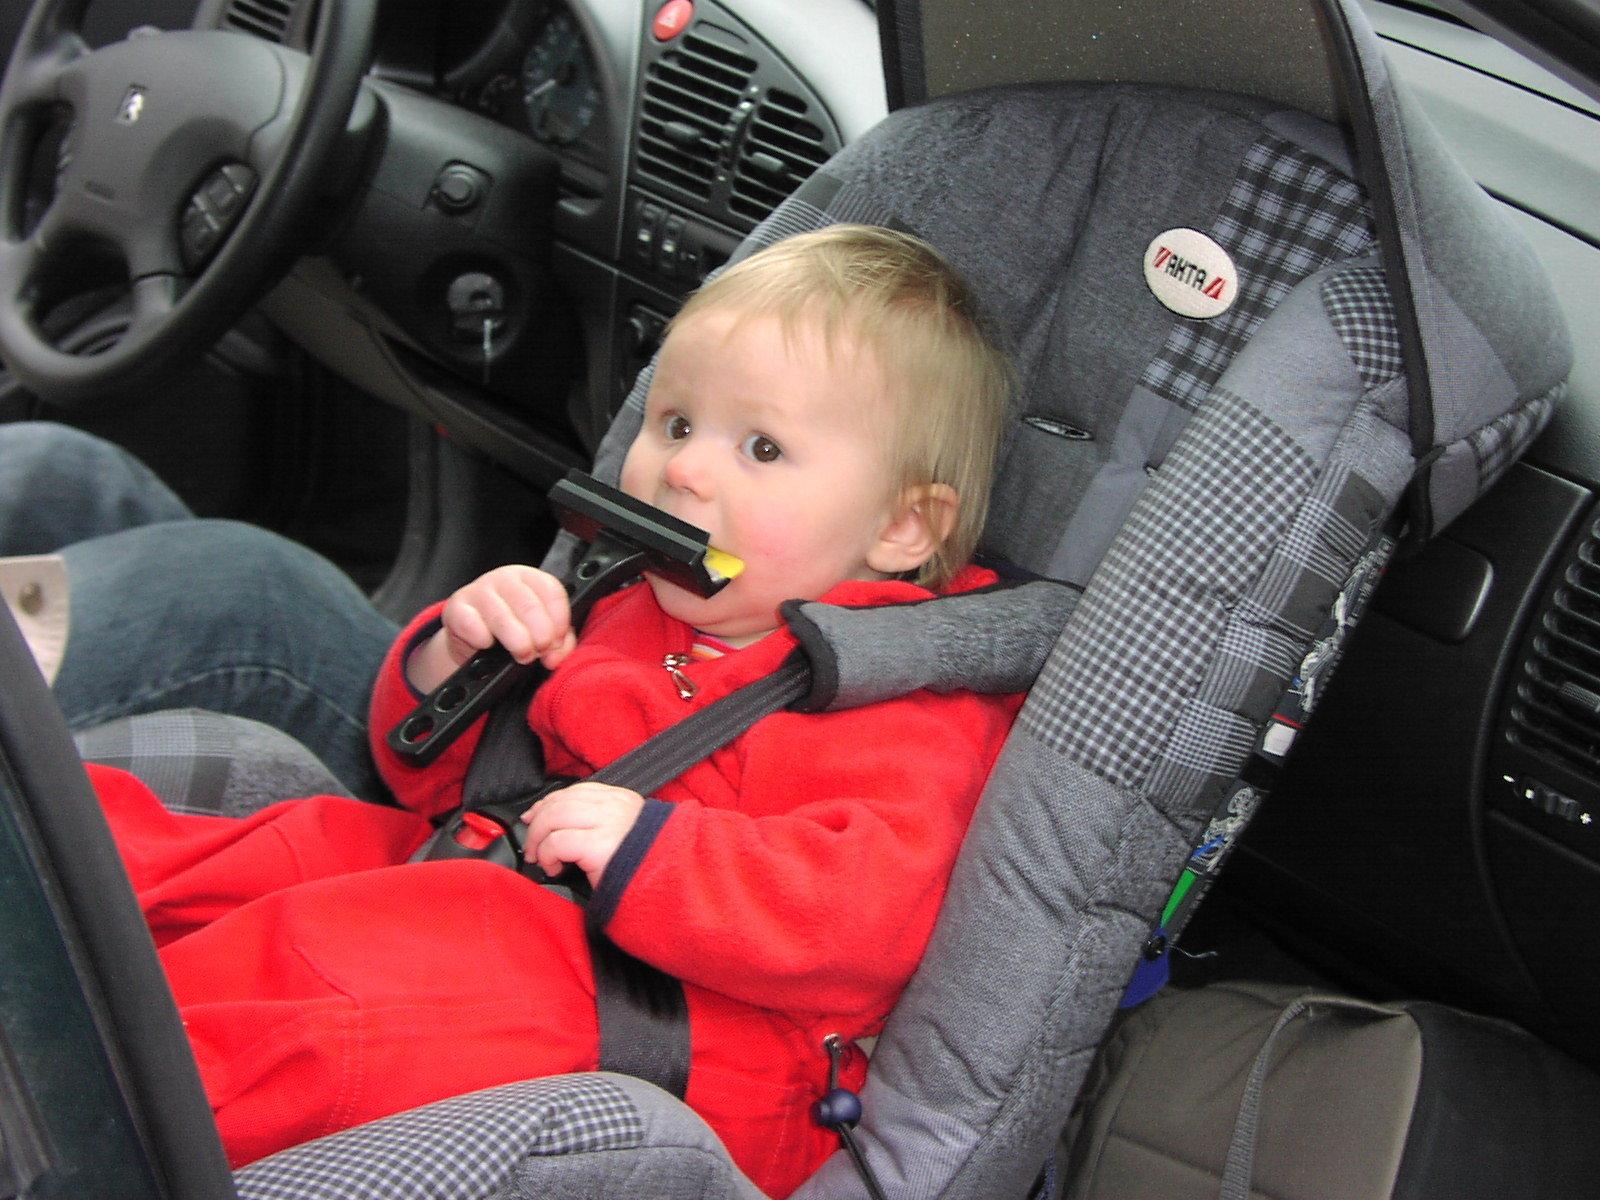 Как сажать ребенка в автокресло вперед 542